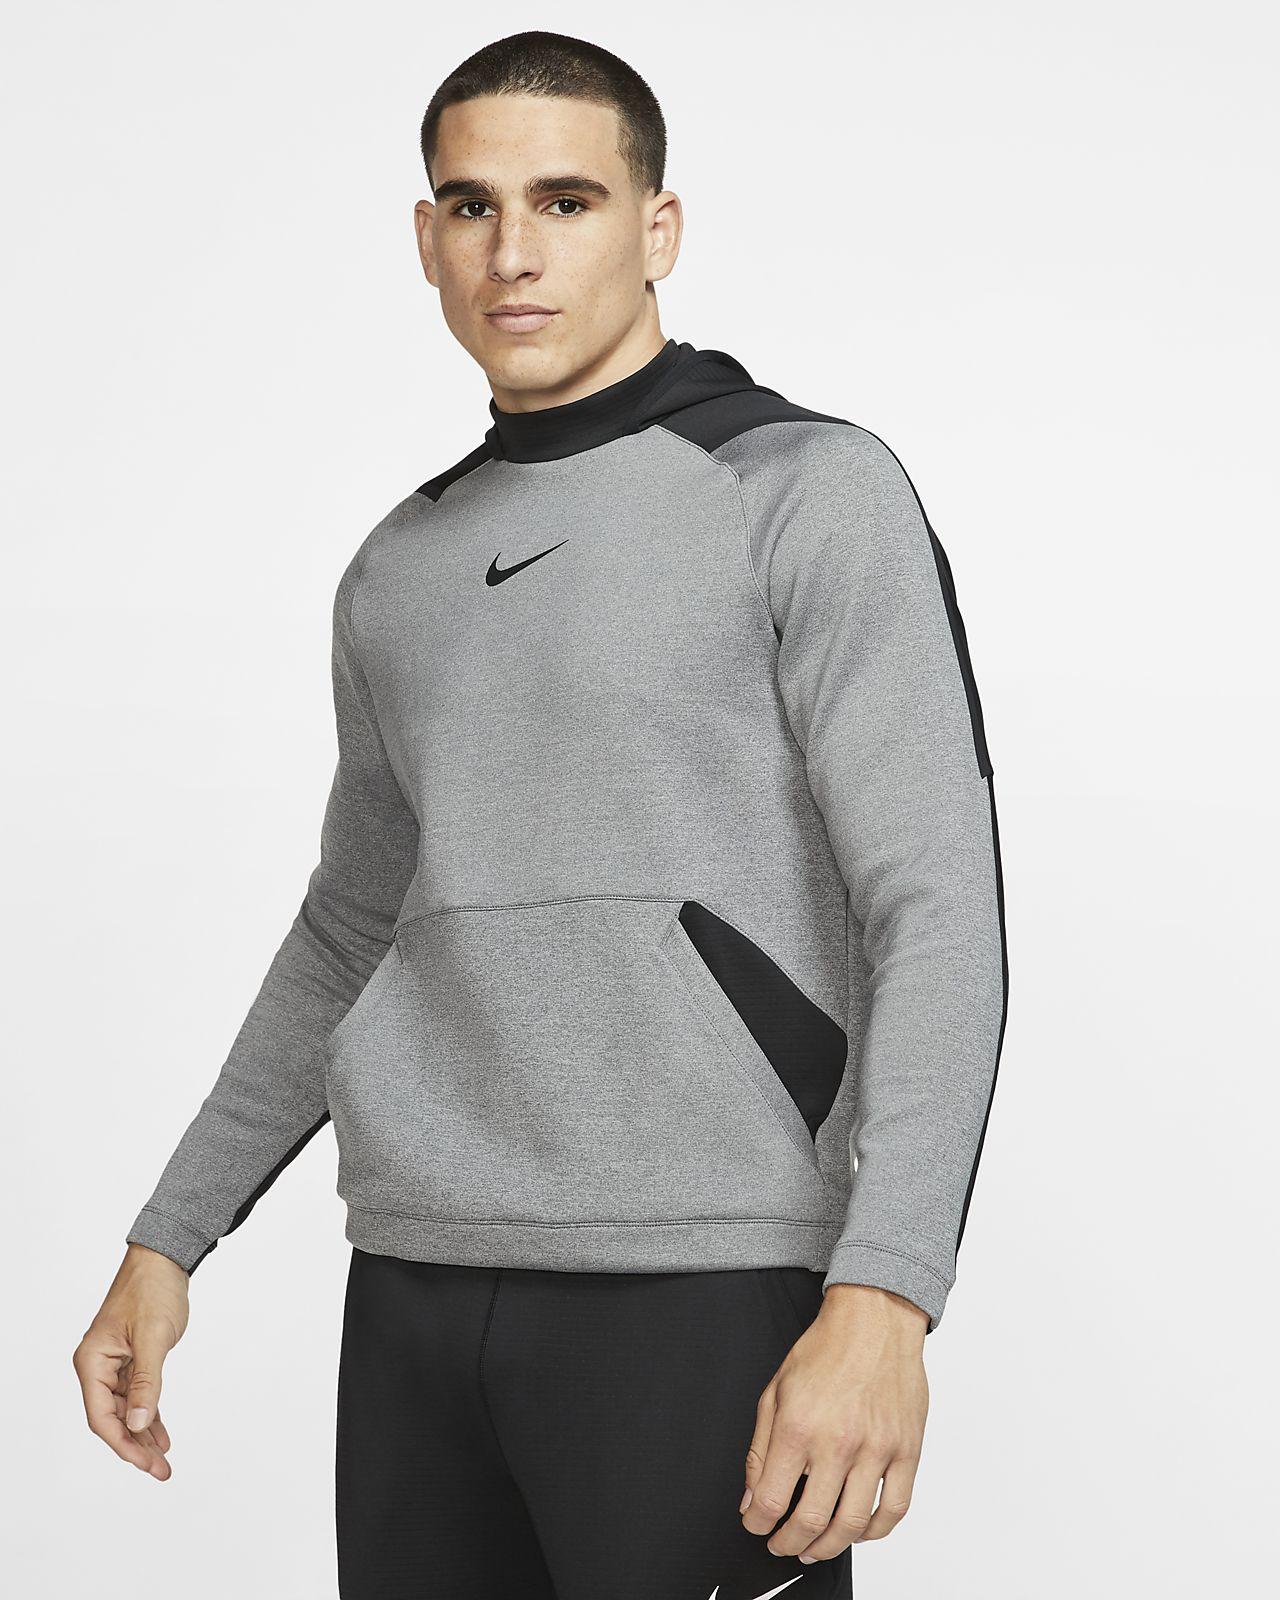 Nike Air Max weißpink 3637 in 82194 Gröbenzell für 53,00